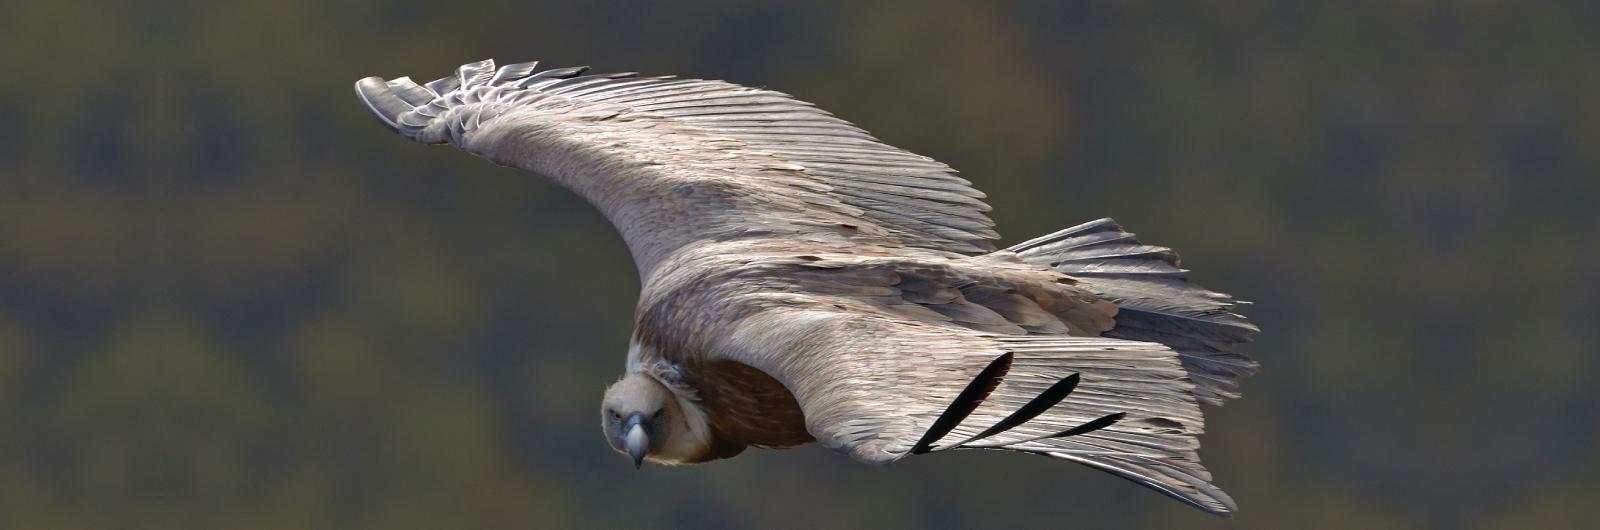 Fondacija za zaštitu ptica grabljivica